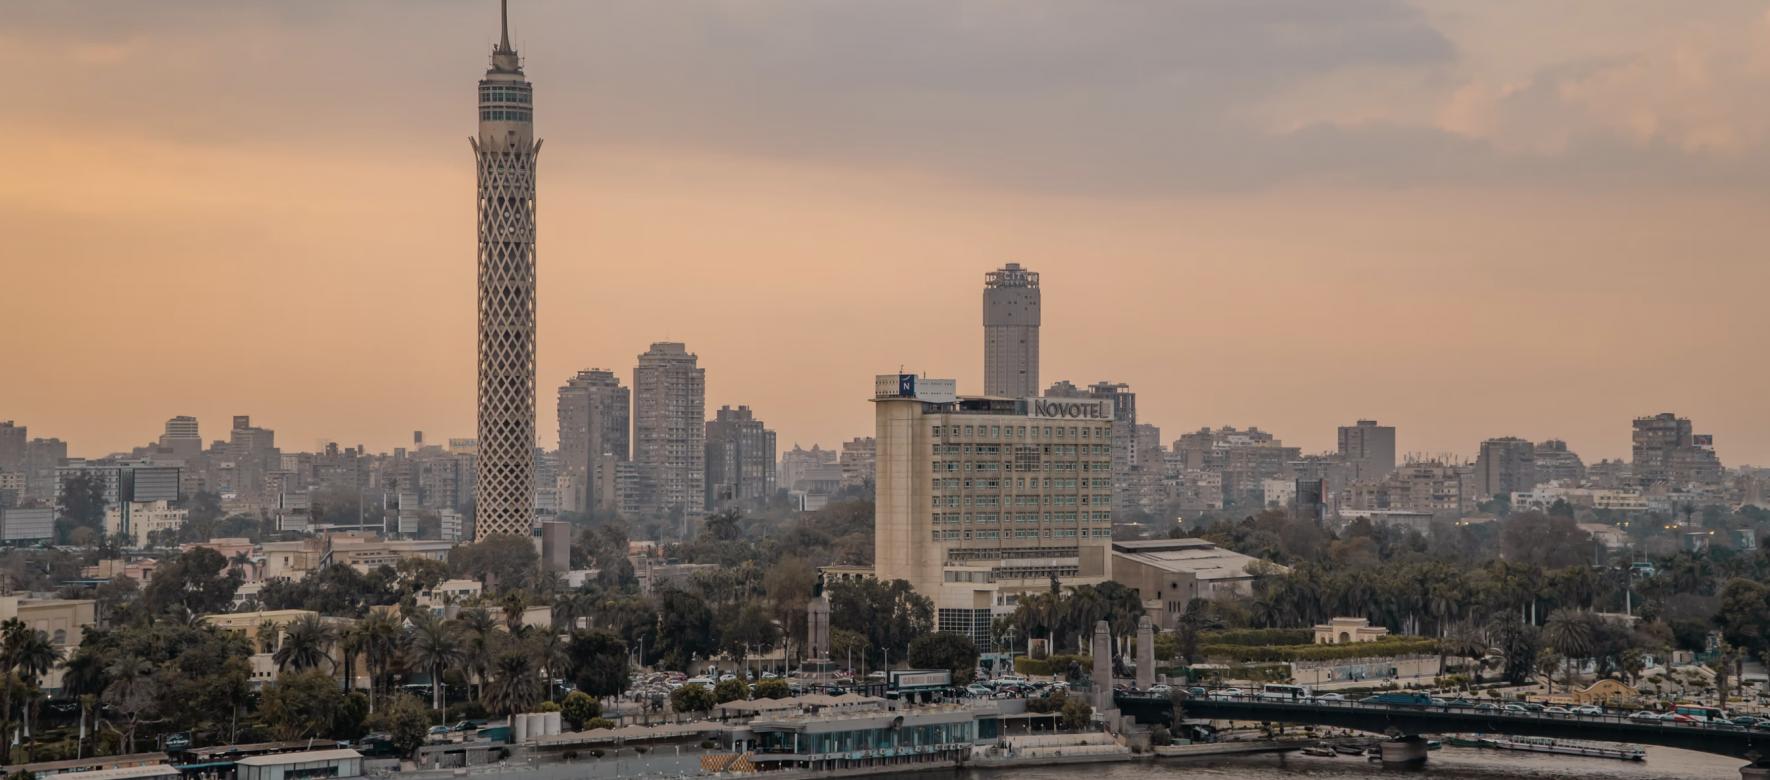 Egypte : Les Etats-Unis veulent remettre les droits de l'homme au centre de leurs relations avec l'Egypte même si elle reste un précieux allié stratégique 1